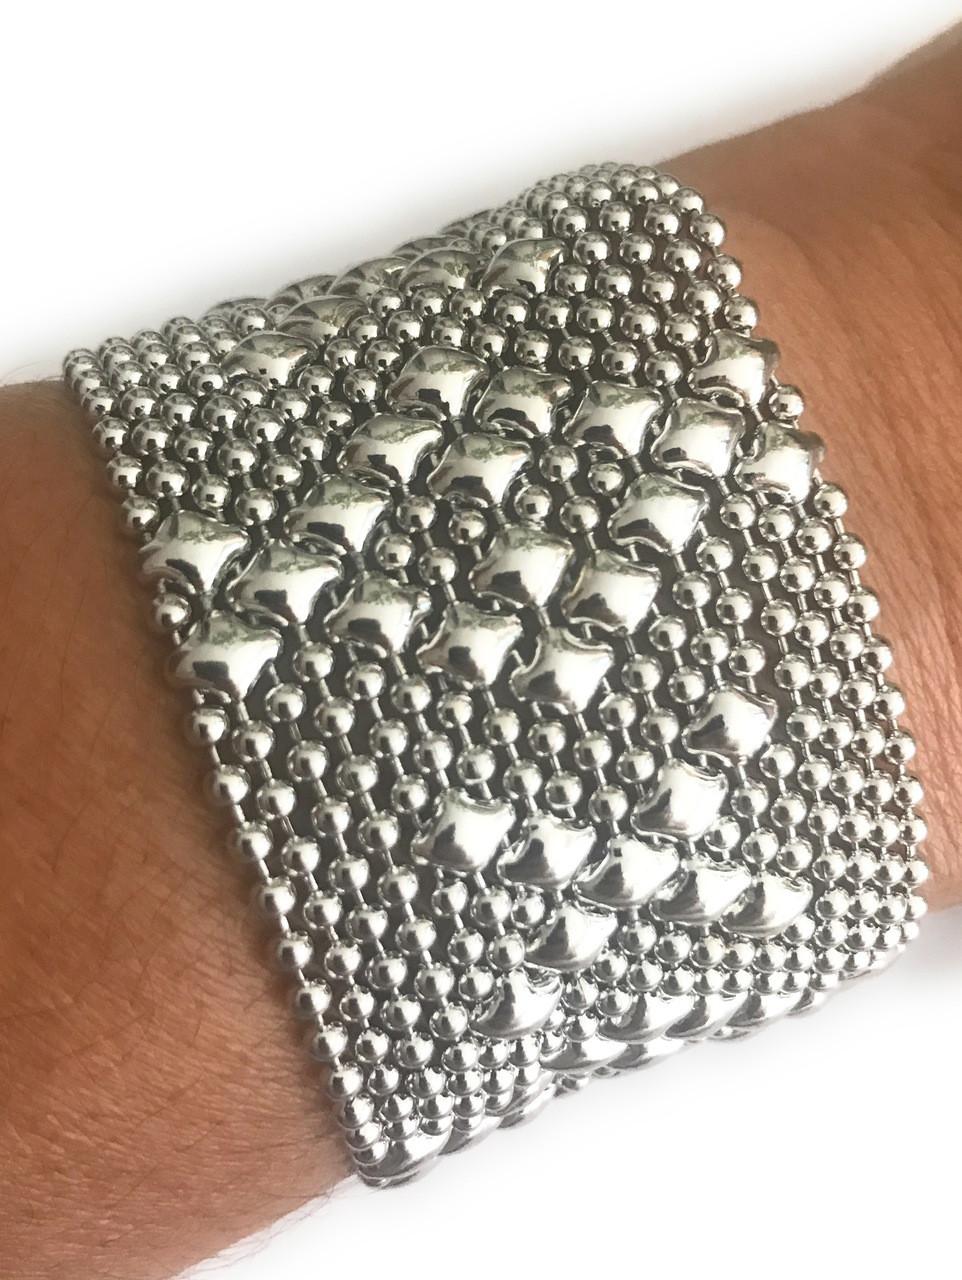 e3b70ad86fd SG Liquid Metal By Sergio Gutierrez Hug and Kisses Silver Mesh Cuff Bracelet  B45. 5 star rating 3 Reviews. Loading zoom